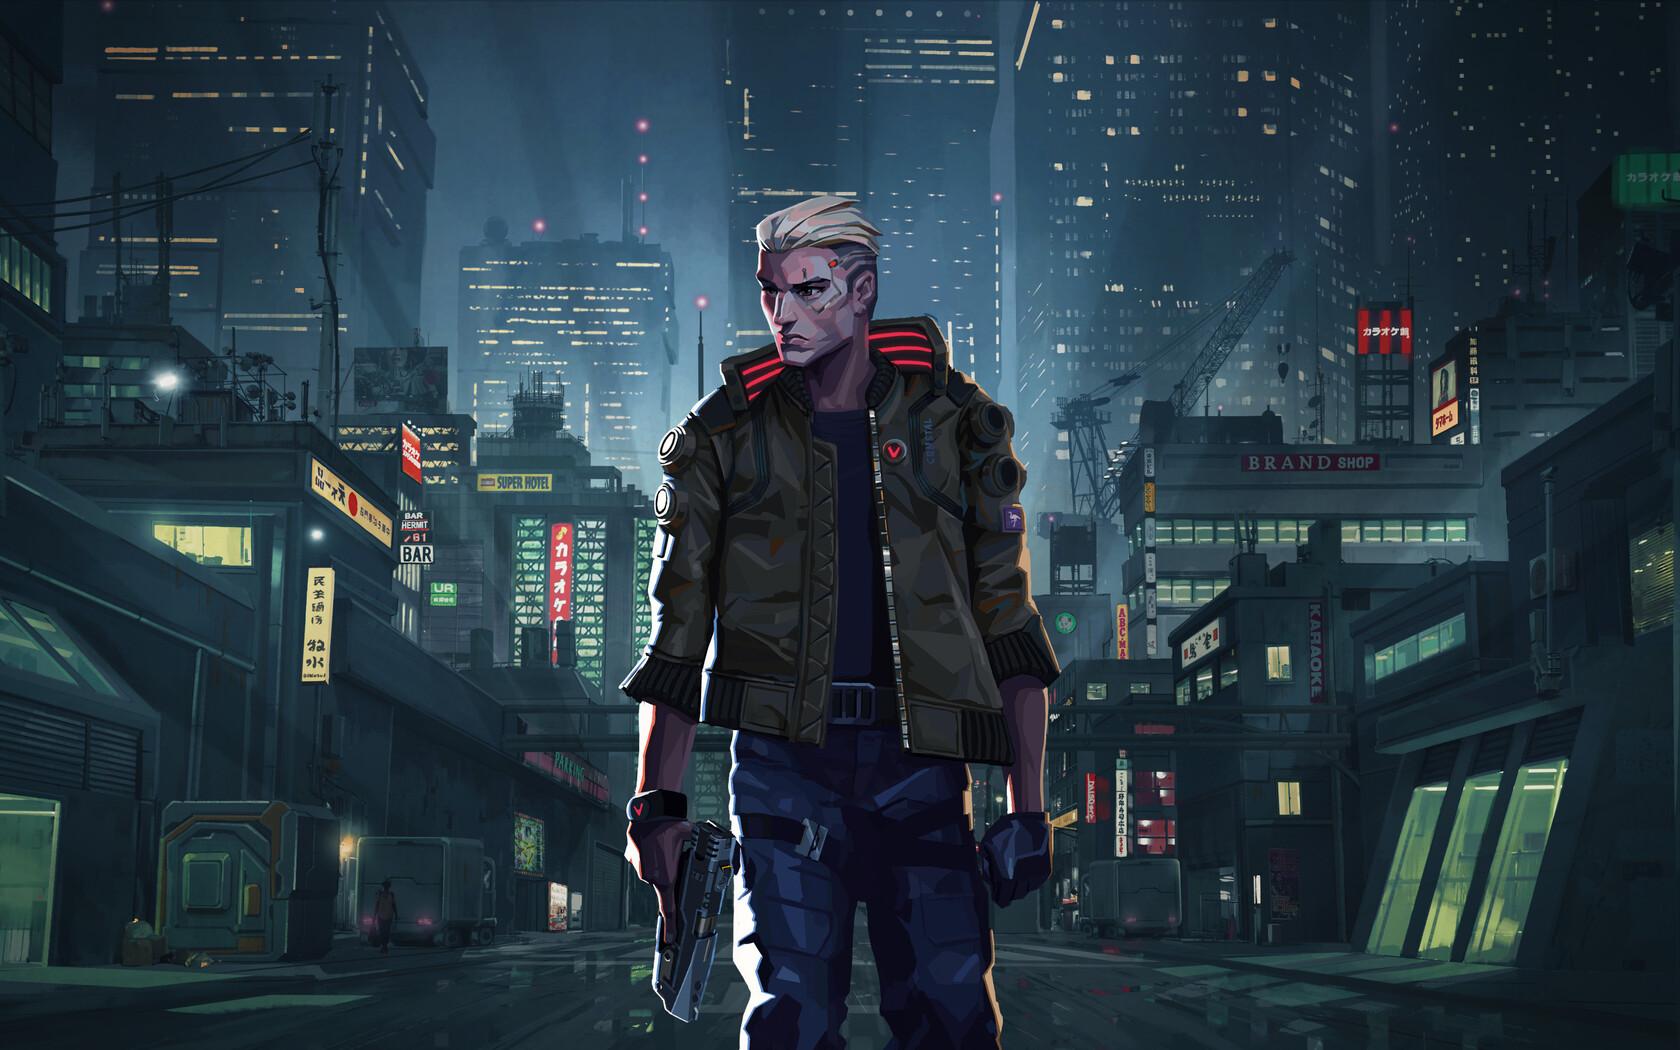 game-cyberpunk-2077-night-city-3y.jpg